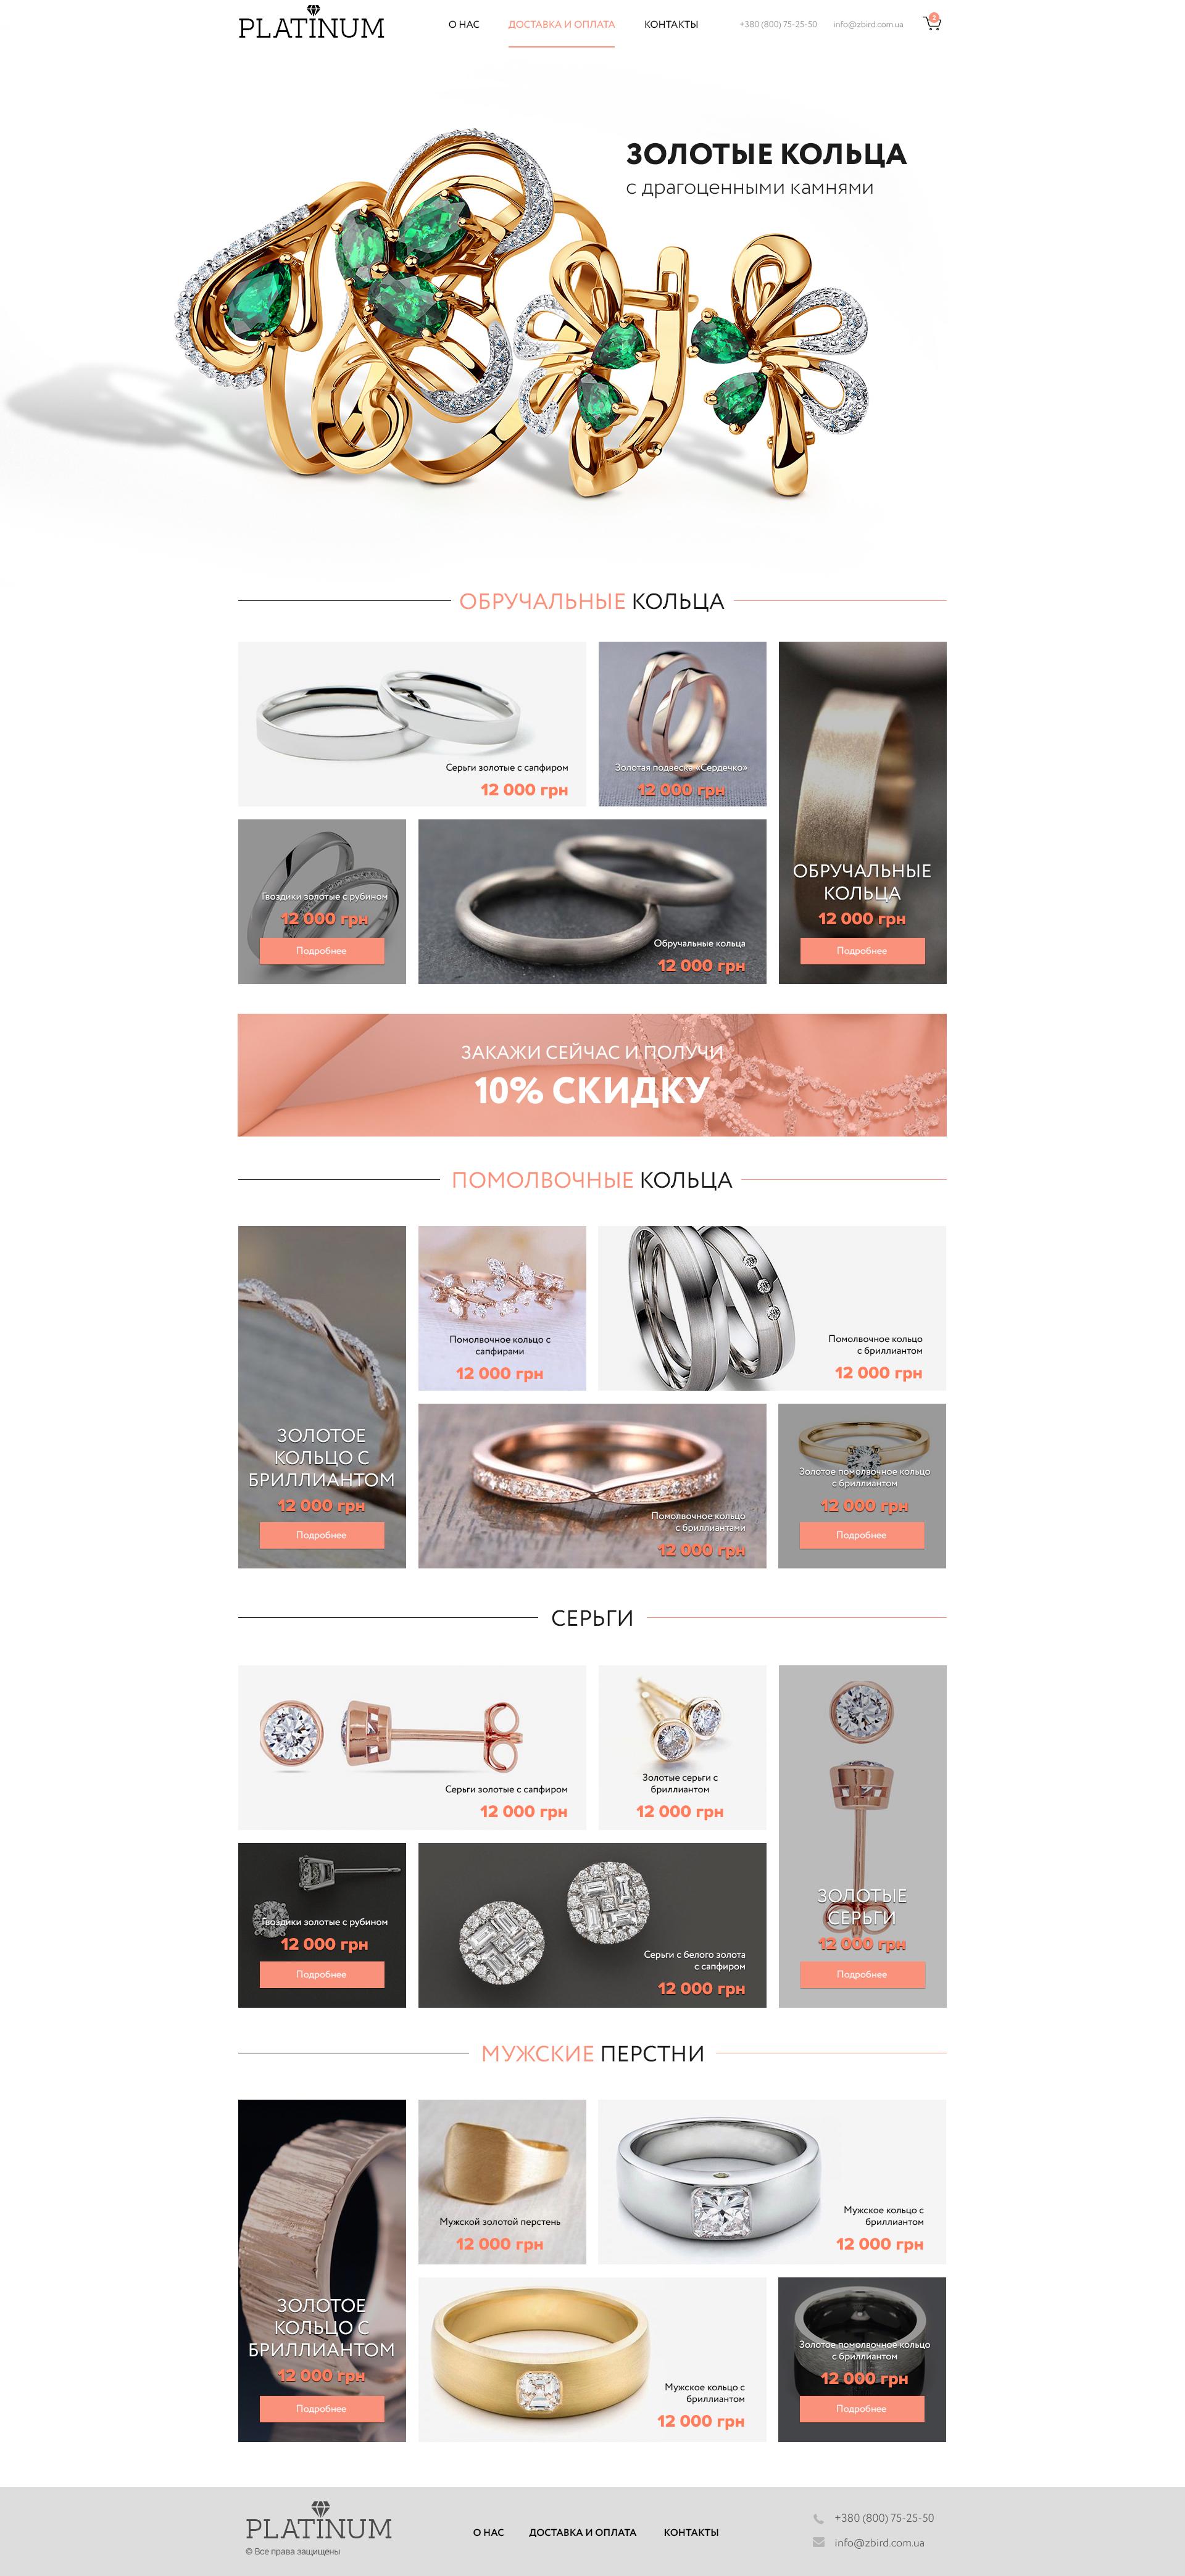 Фото Дизайн главной страницы сайта по продаже ювелирных изделий